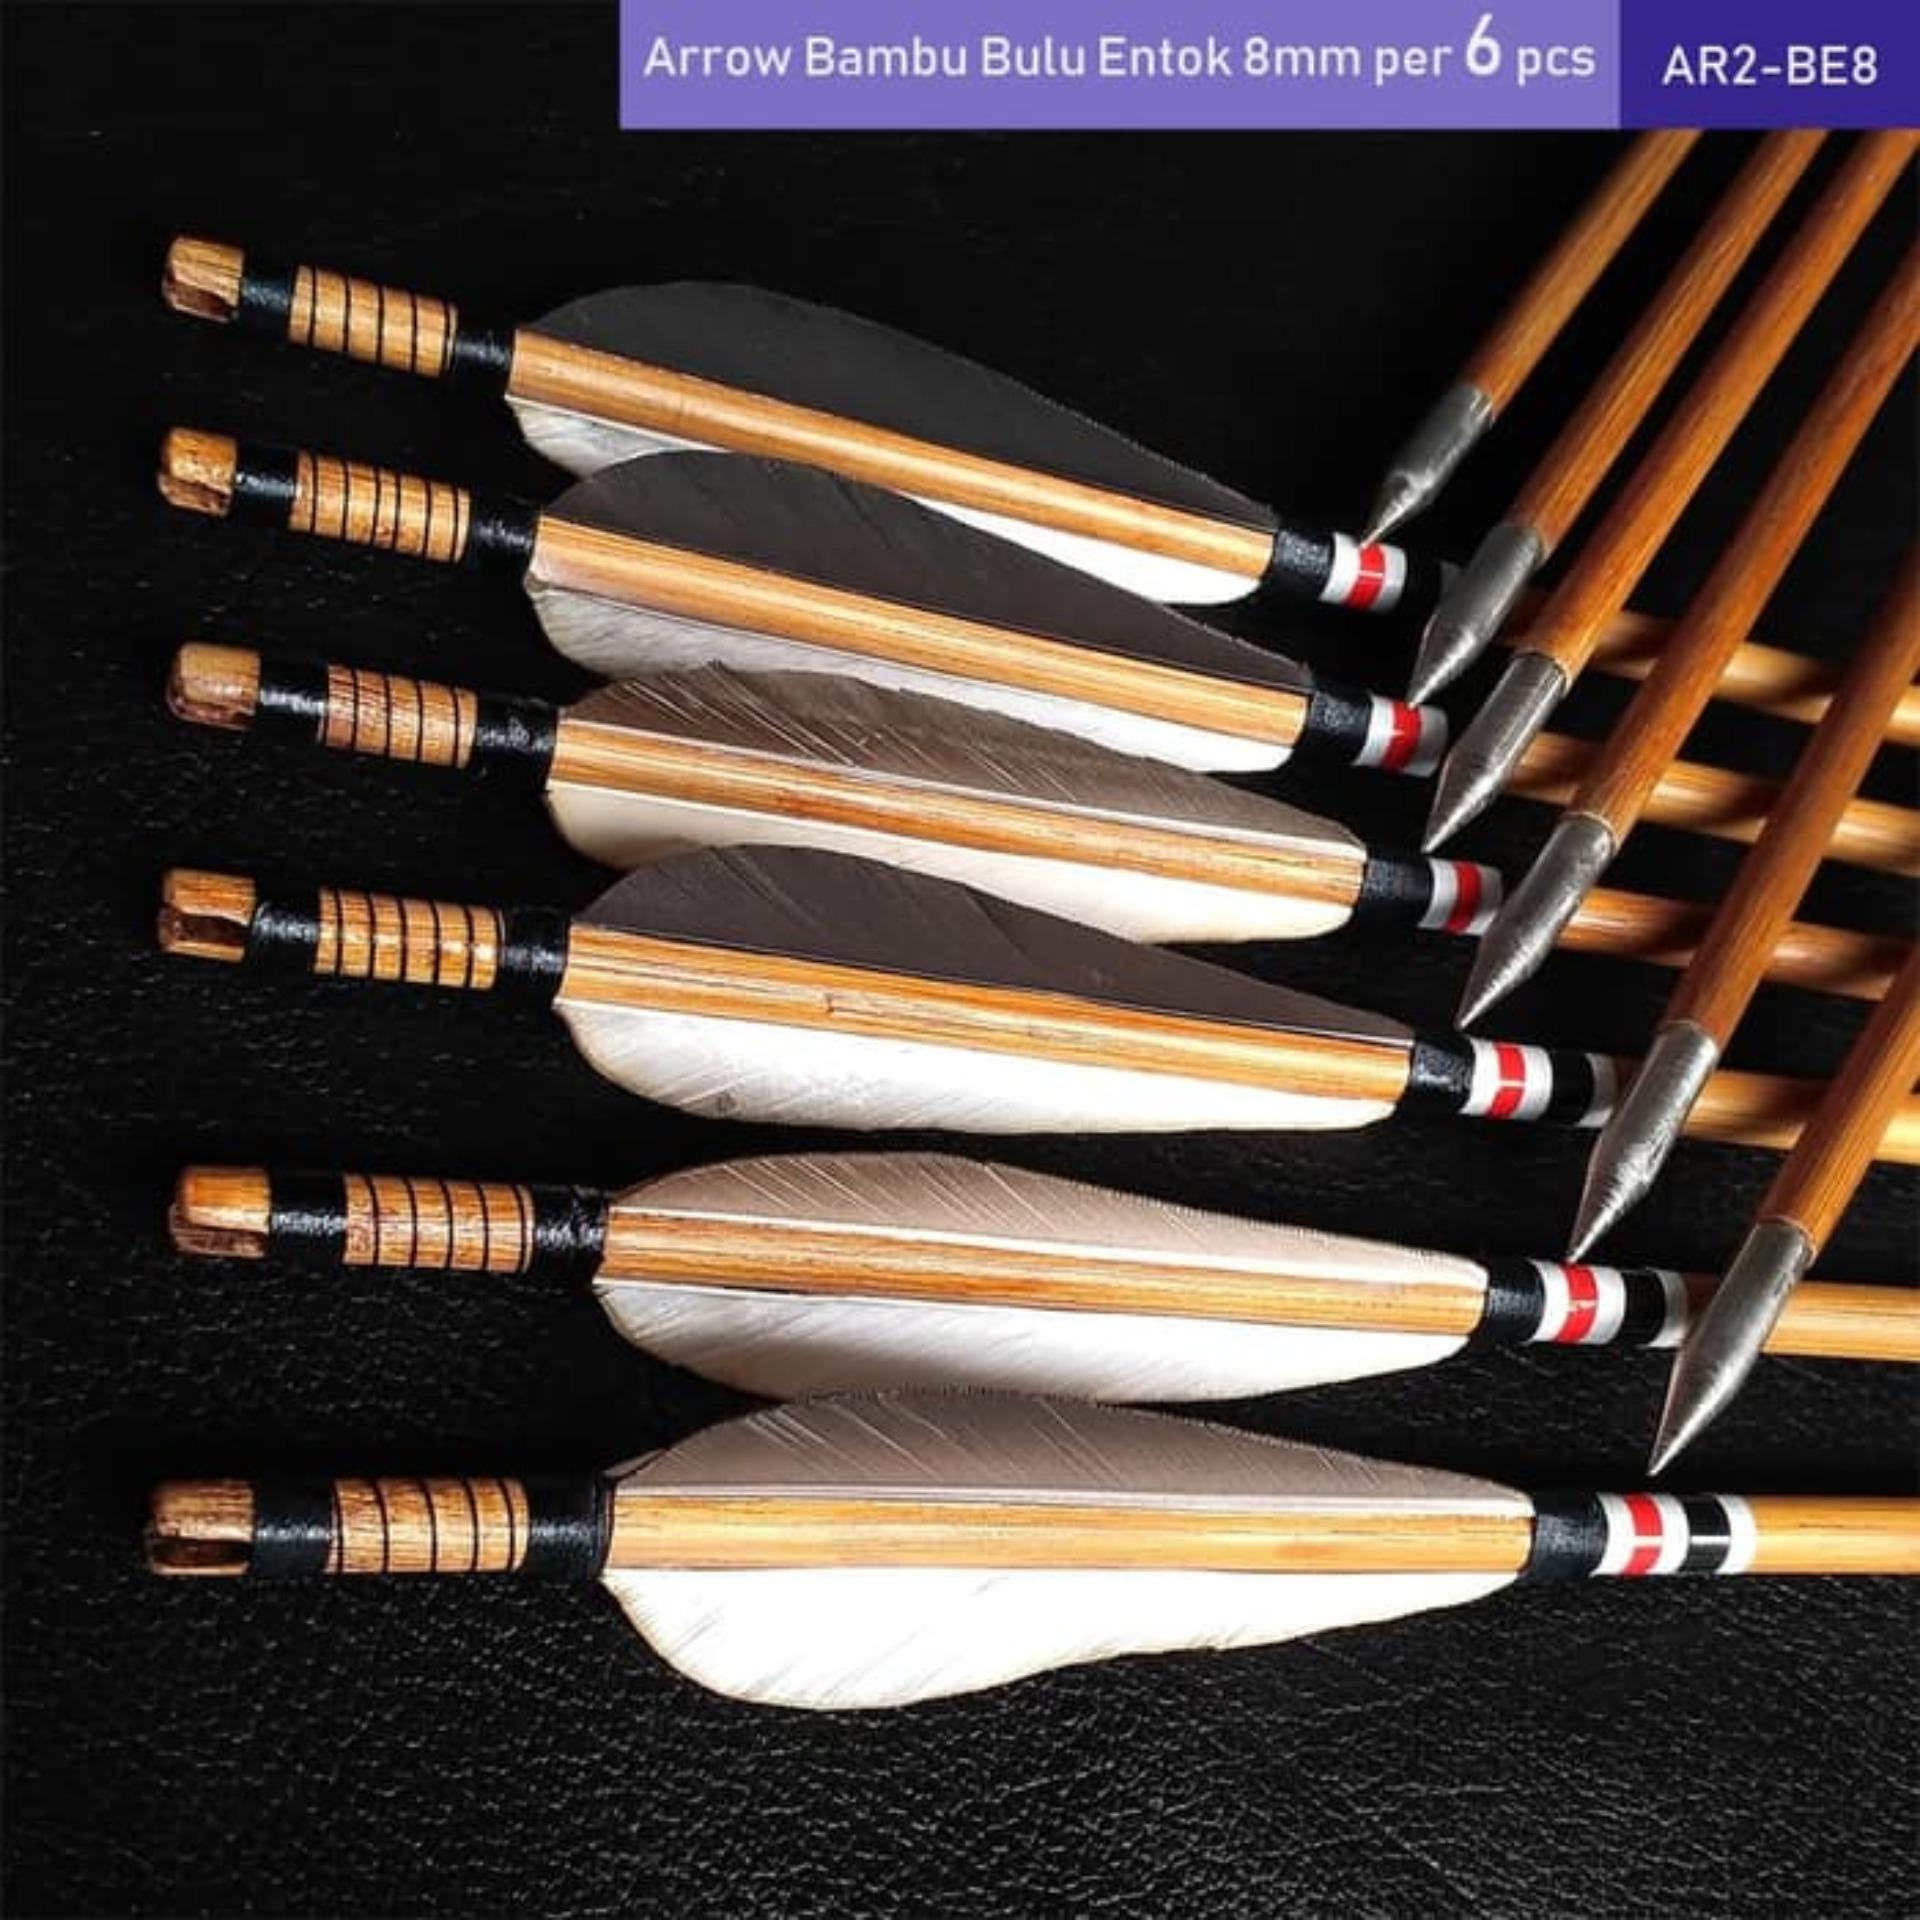 Anak Panah Bambu 8mm Per 6 Pcs - Arrow Kayu Petung - Anak Panah Bambu Bukan Carbon Alumunium Fiber - Panahan Archery Bergaransi - Papan Karet Sasaran Arrow  Busur